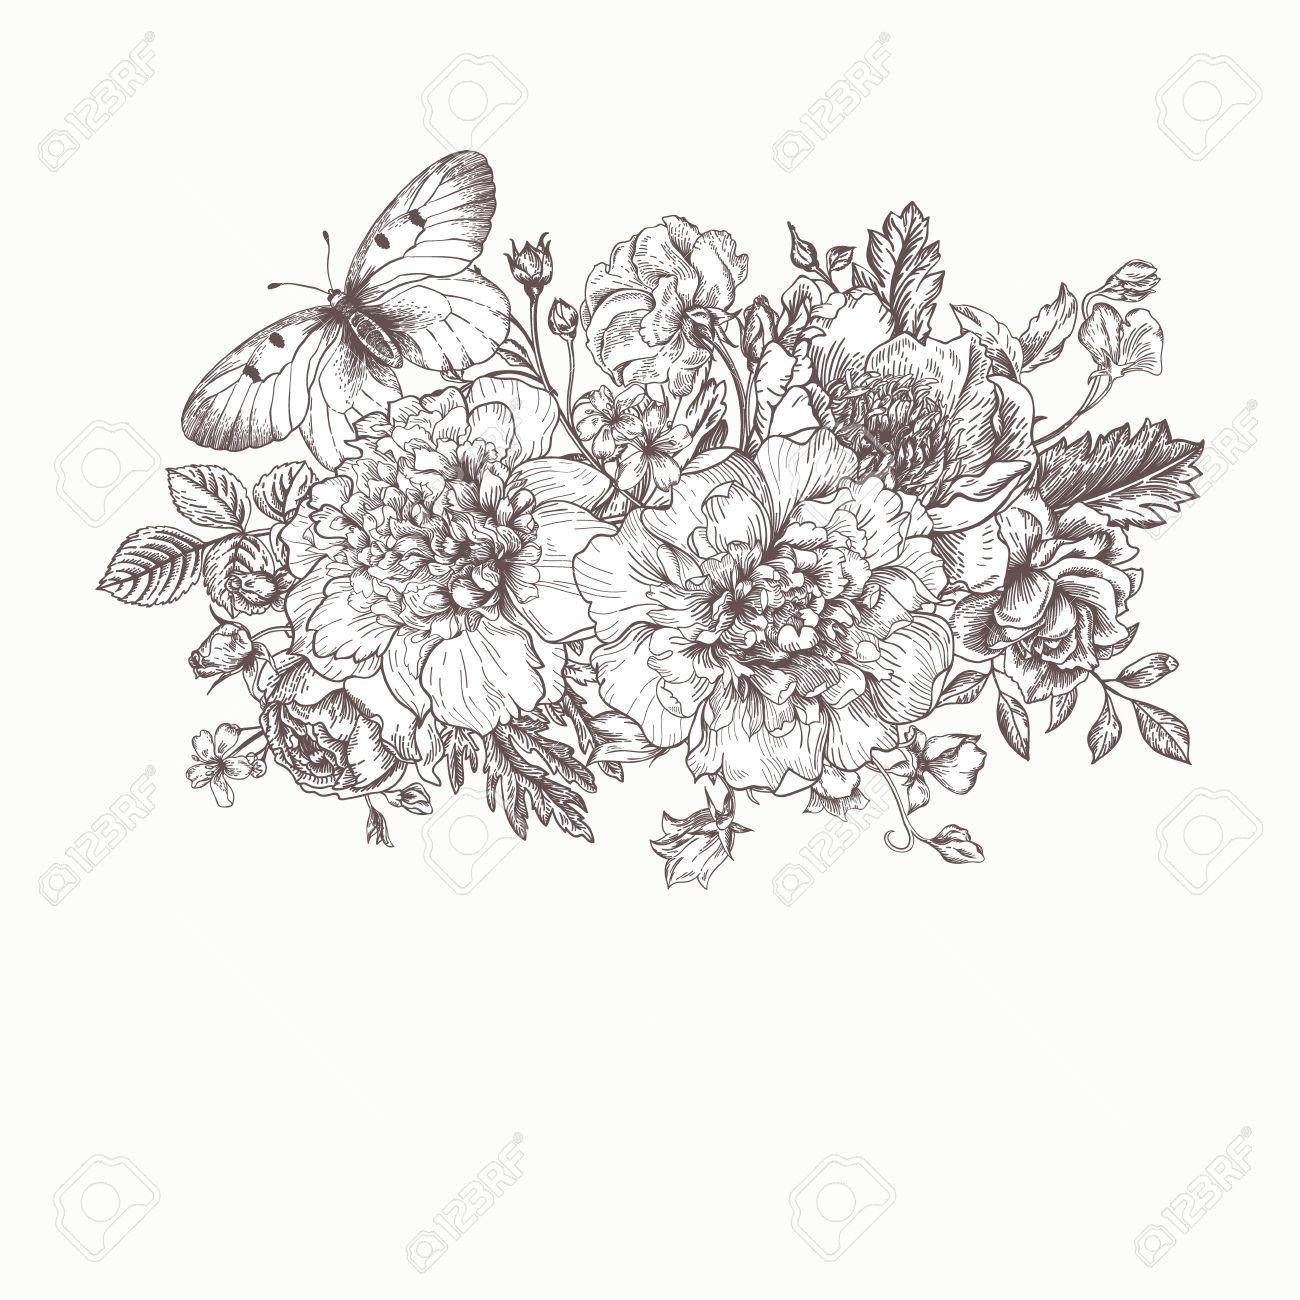 Floral background carte avec un bouquet de fleurs et un papillon